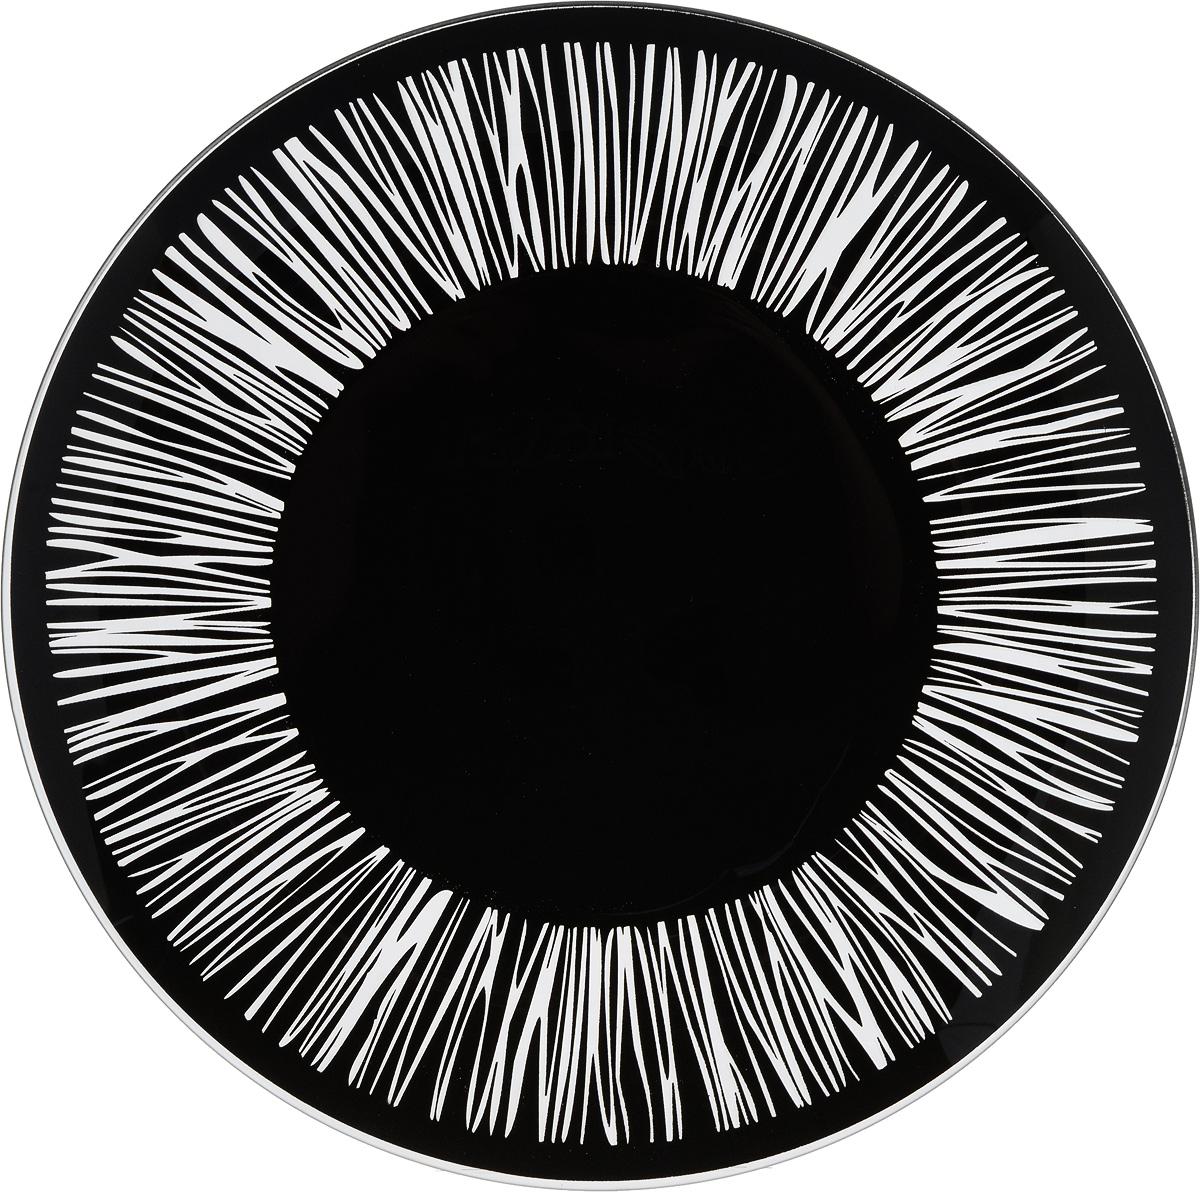 Тарелка NiNaGlass Витас, цвет: черный, диаметр 30 см85-300-016/чернТарелка NiNaGlass Витас выполнена из высококачественного стекла и оформлена оригинальным узором. Тарелка идеальна для сервировки закусок, нарезок, салатов, овощей и фруктов. Она отлично подойдет как для повседневных, так и для торжественных случаев. Такая тарелка прекрасно впишется в интерьер вашей кухни и станет достойным дополнением к кухонному инвентарю.